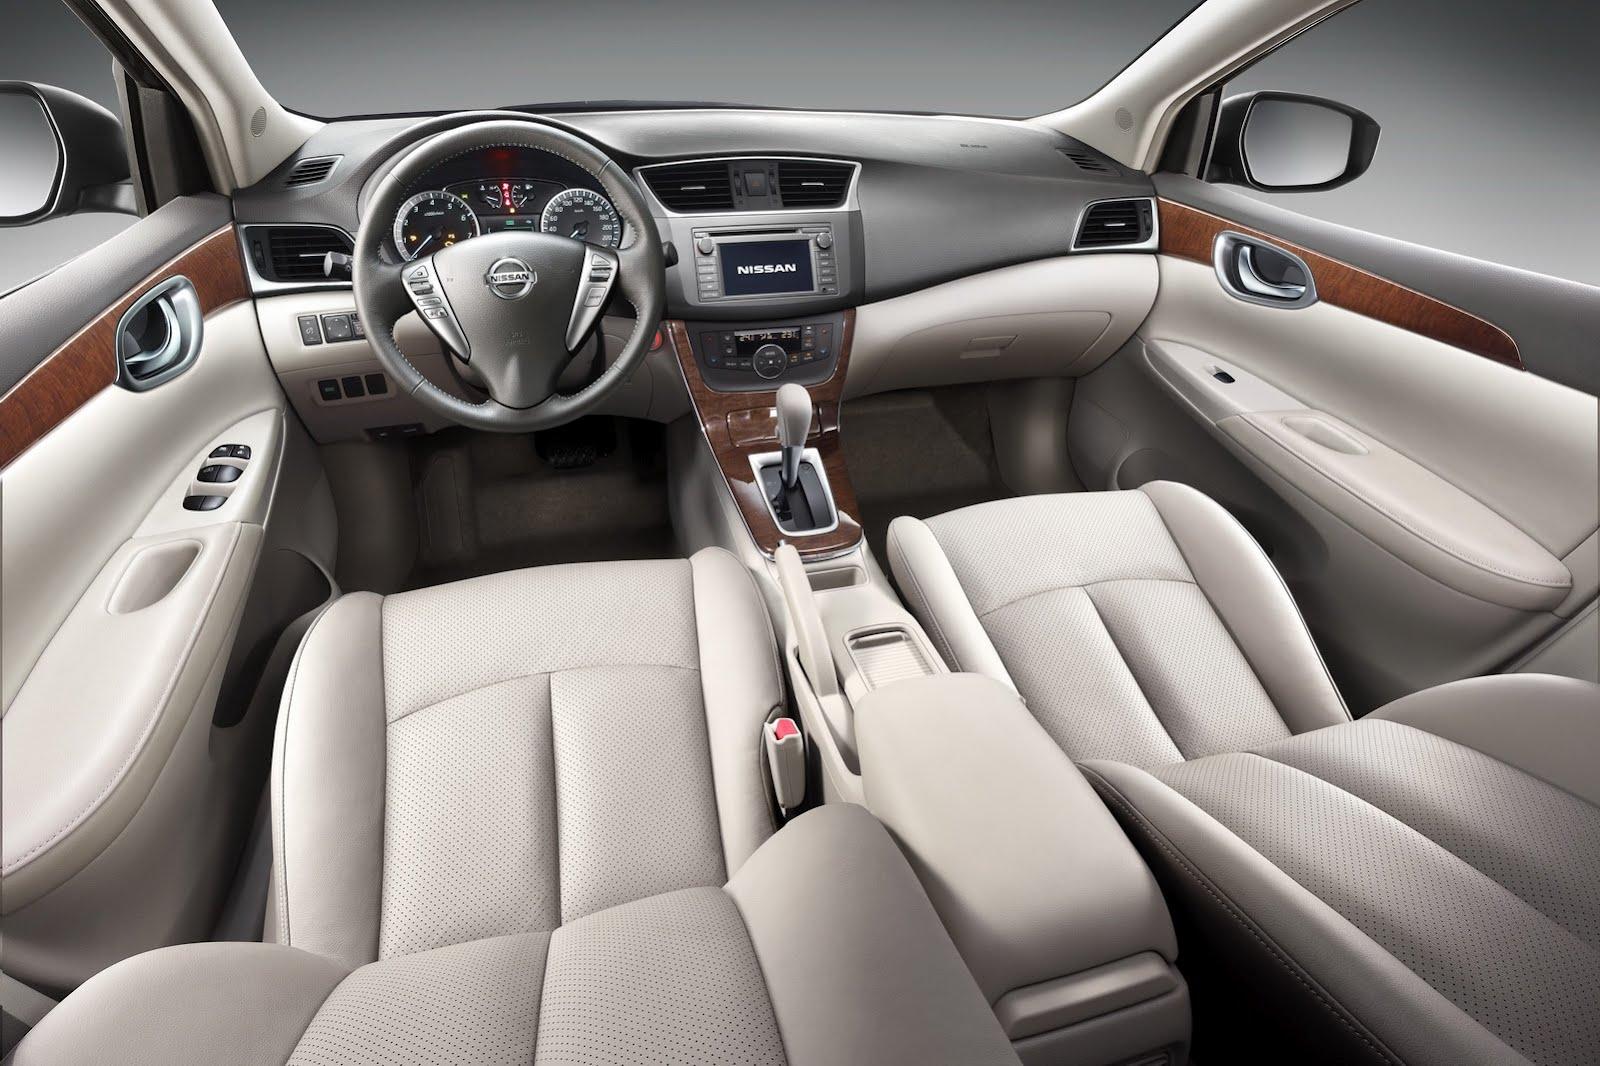 Imágenes del interior del Nissan Sentra 2013 | Lista de Carros